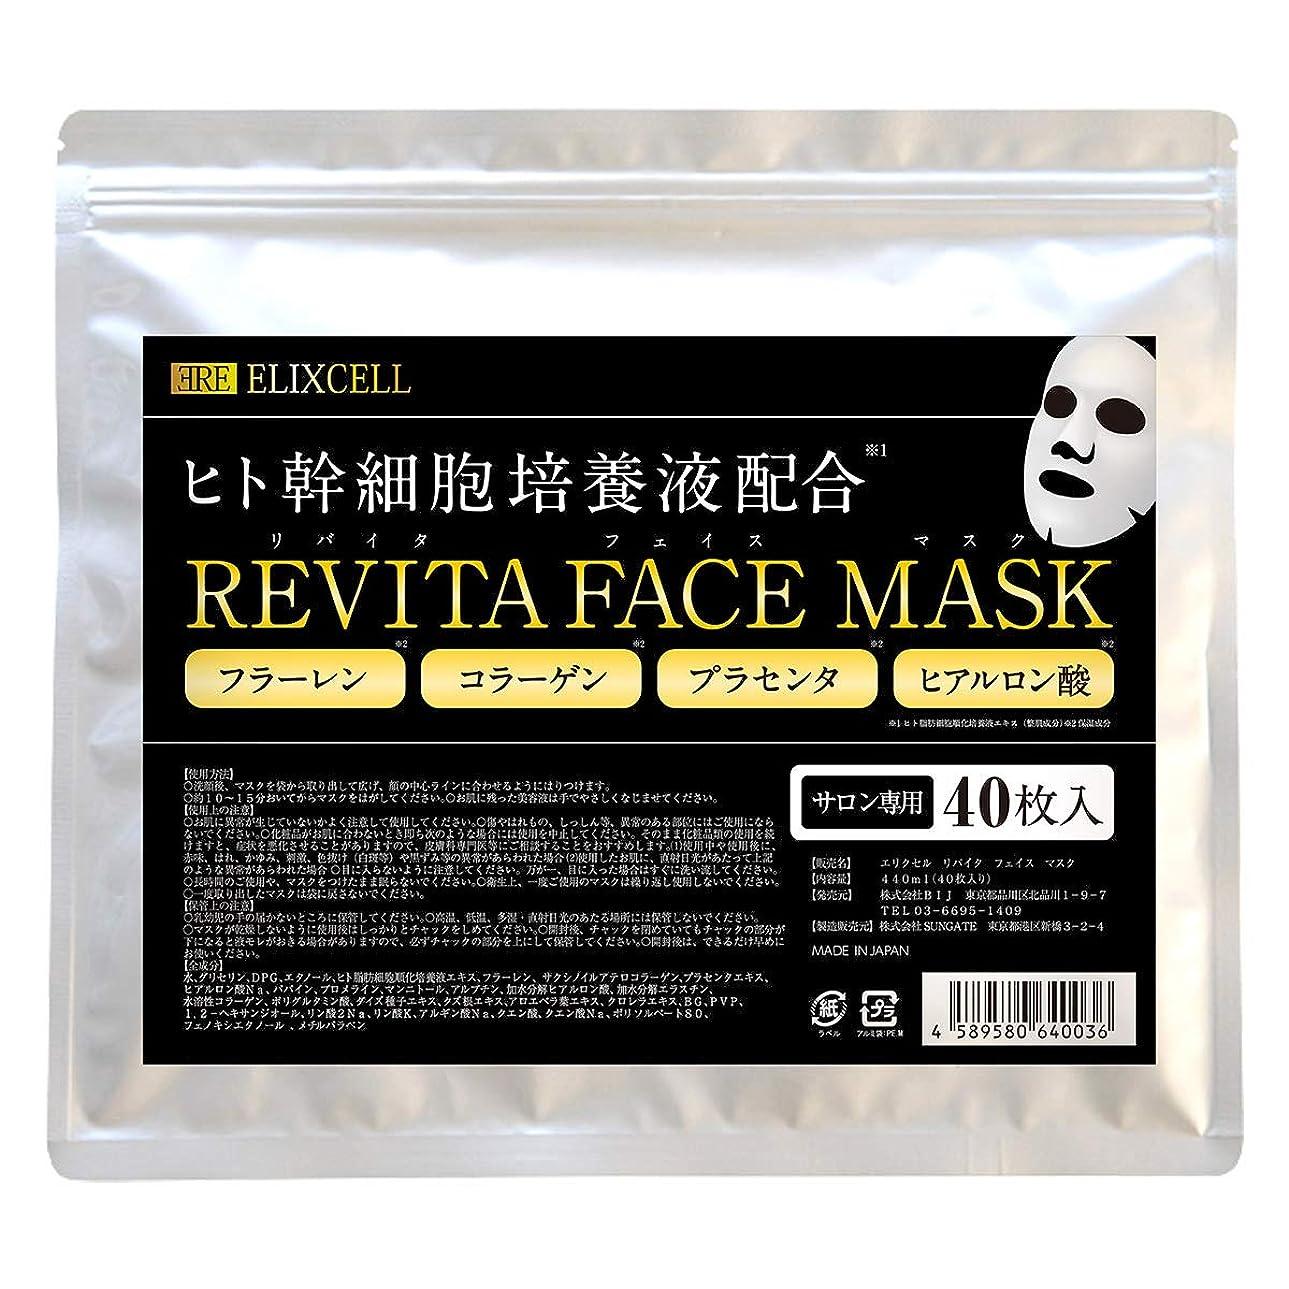 不正直タイルバイアスエリクセル リバイタ フェイスマスク(40枚入り) ヒト幹細胞培養エキス フラーレン コラーゲン サロン業界初 低価格